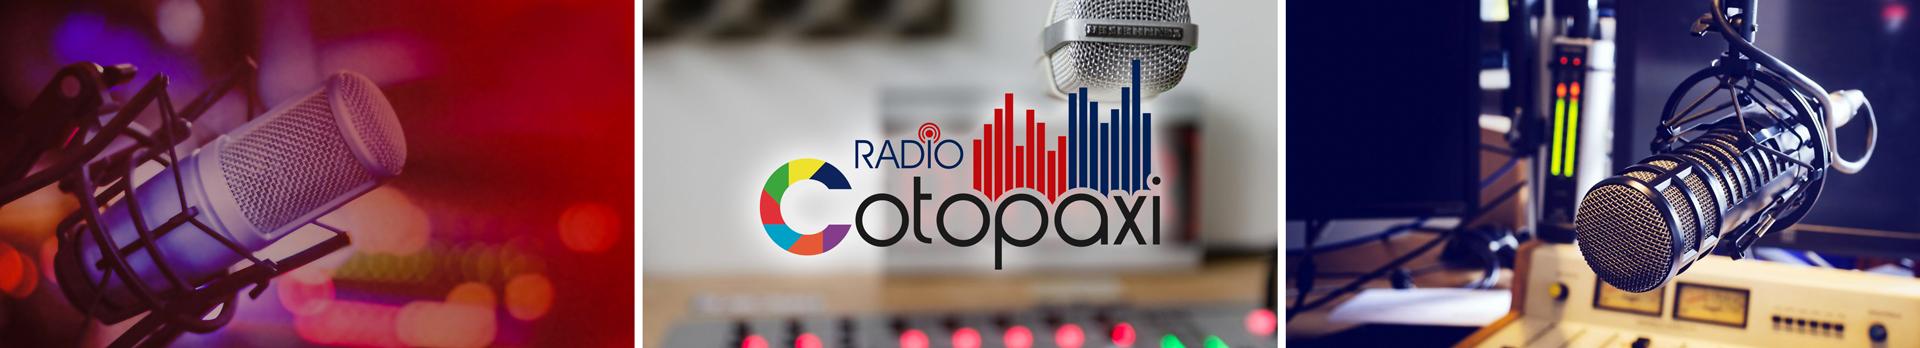 RADIO-COTOPAXI_PrefecturaDeCotopaxi